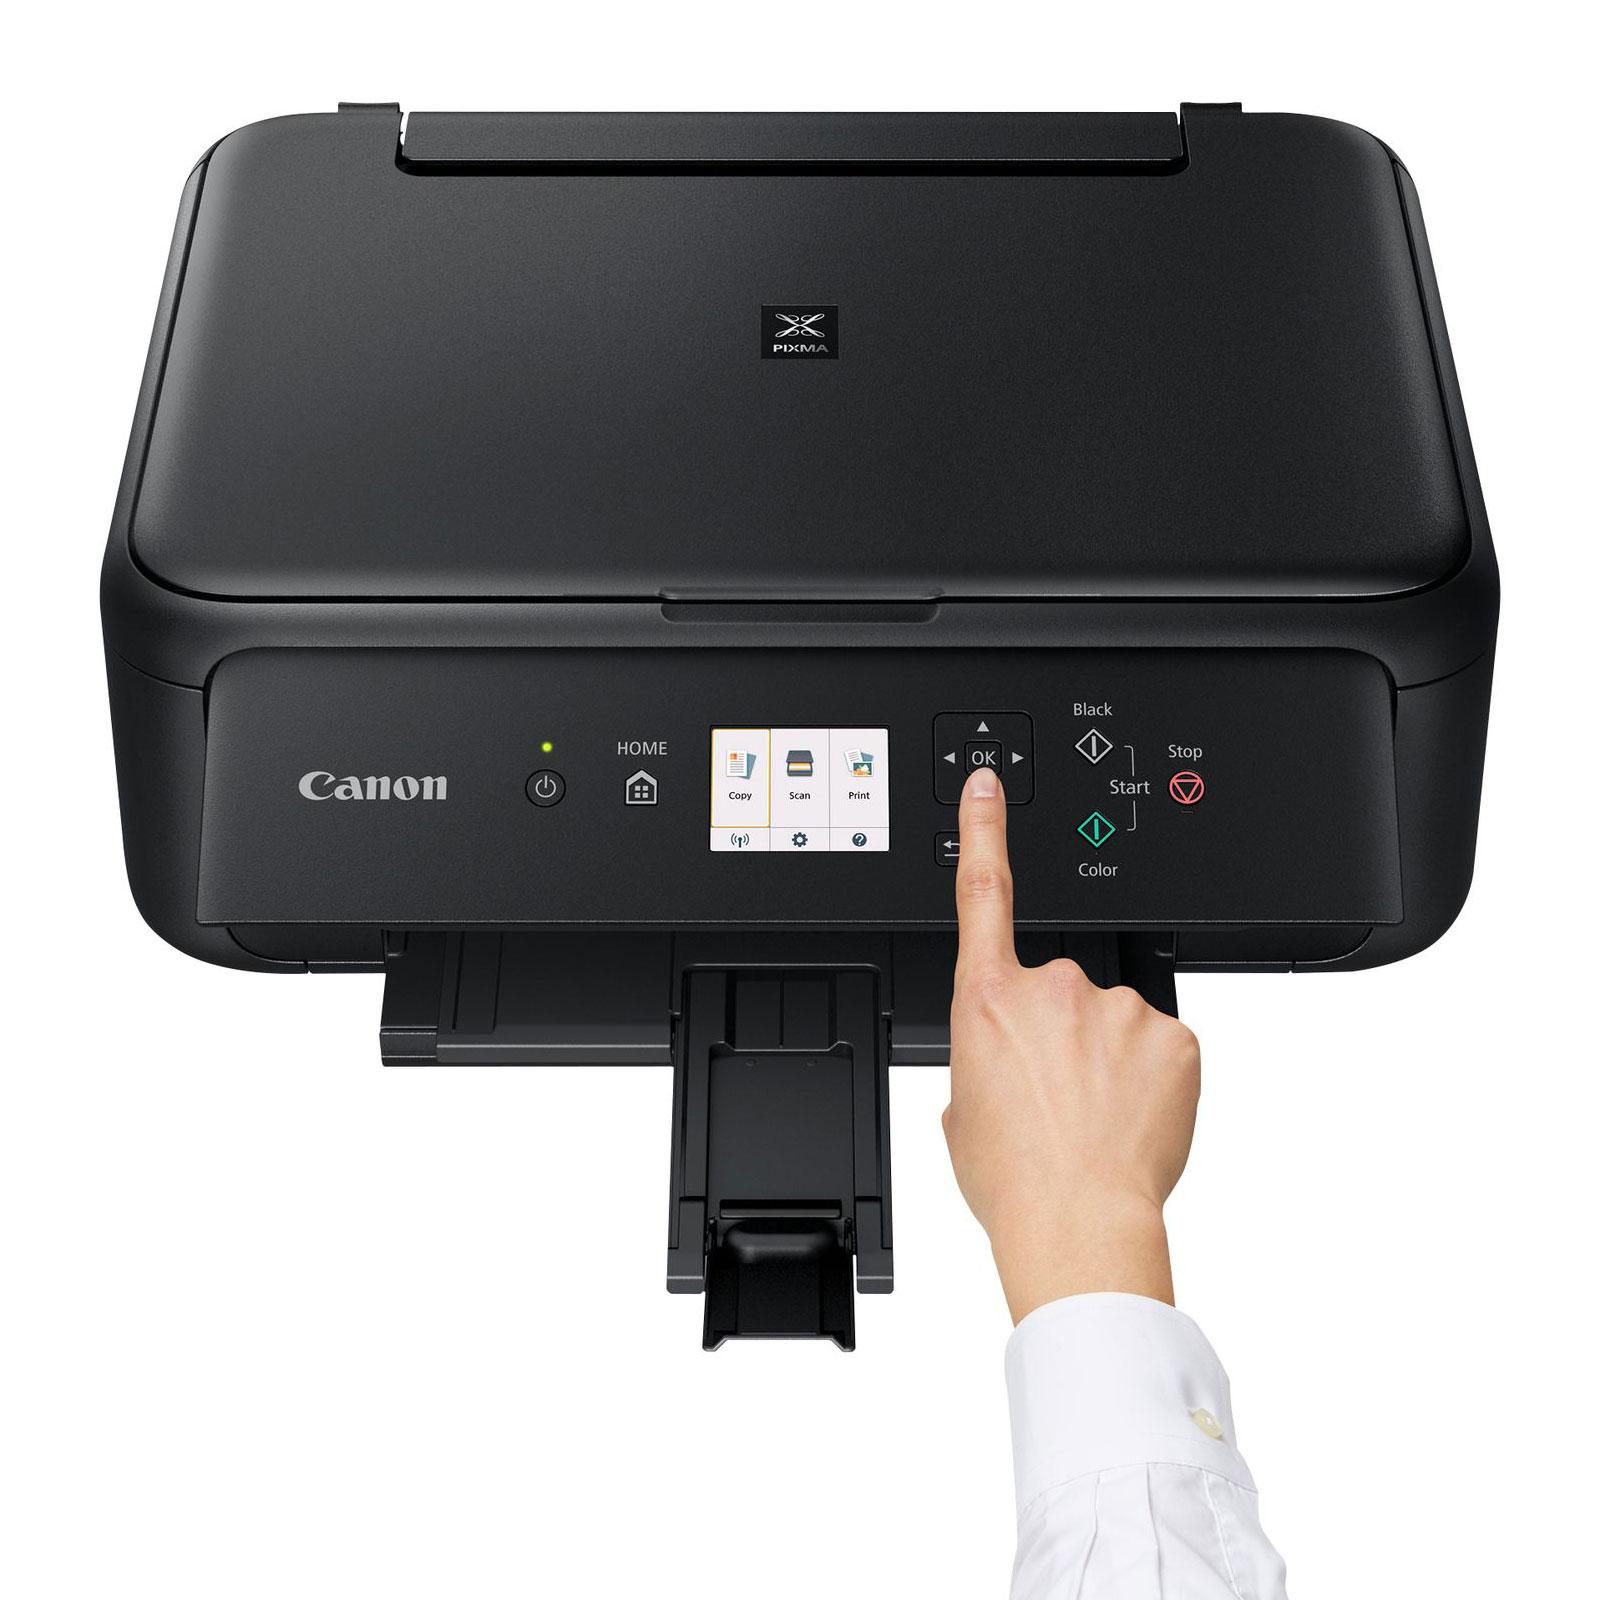 canon pixma ts5150 noir imprimante multifonction canon sur. Black Bedroom Furniture Sets. Home Design Ideas